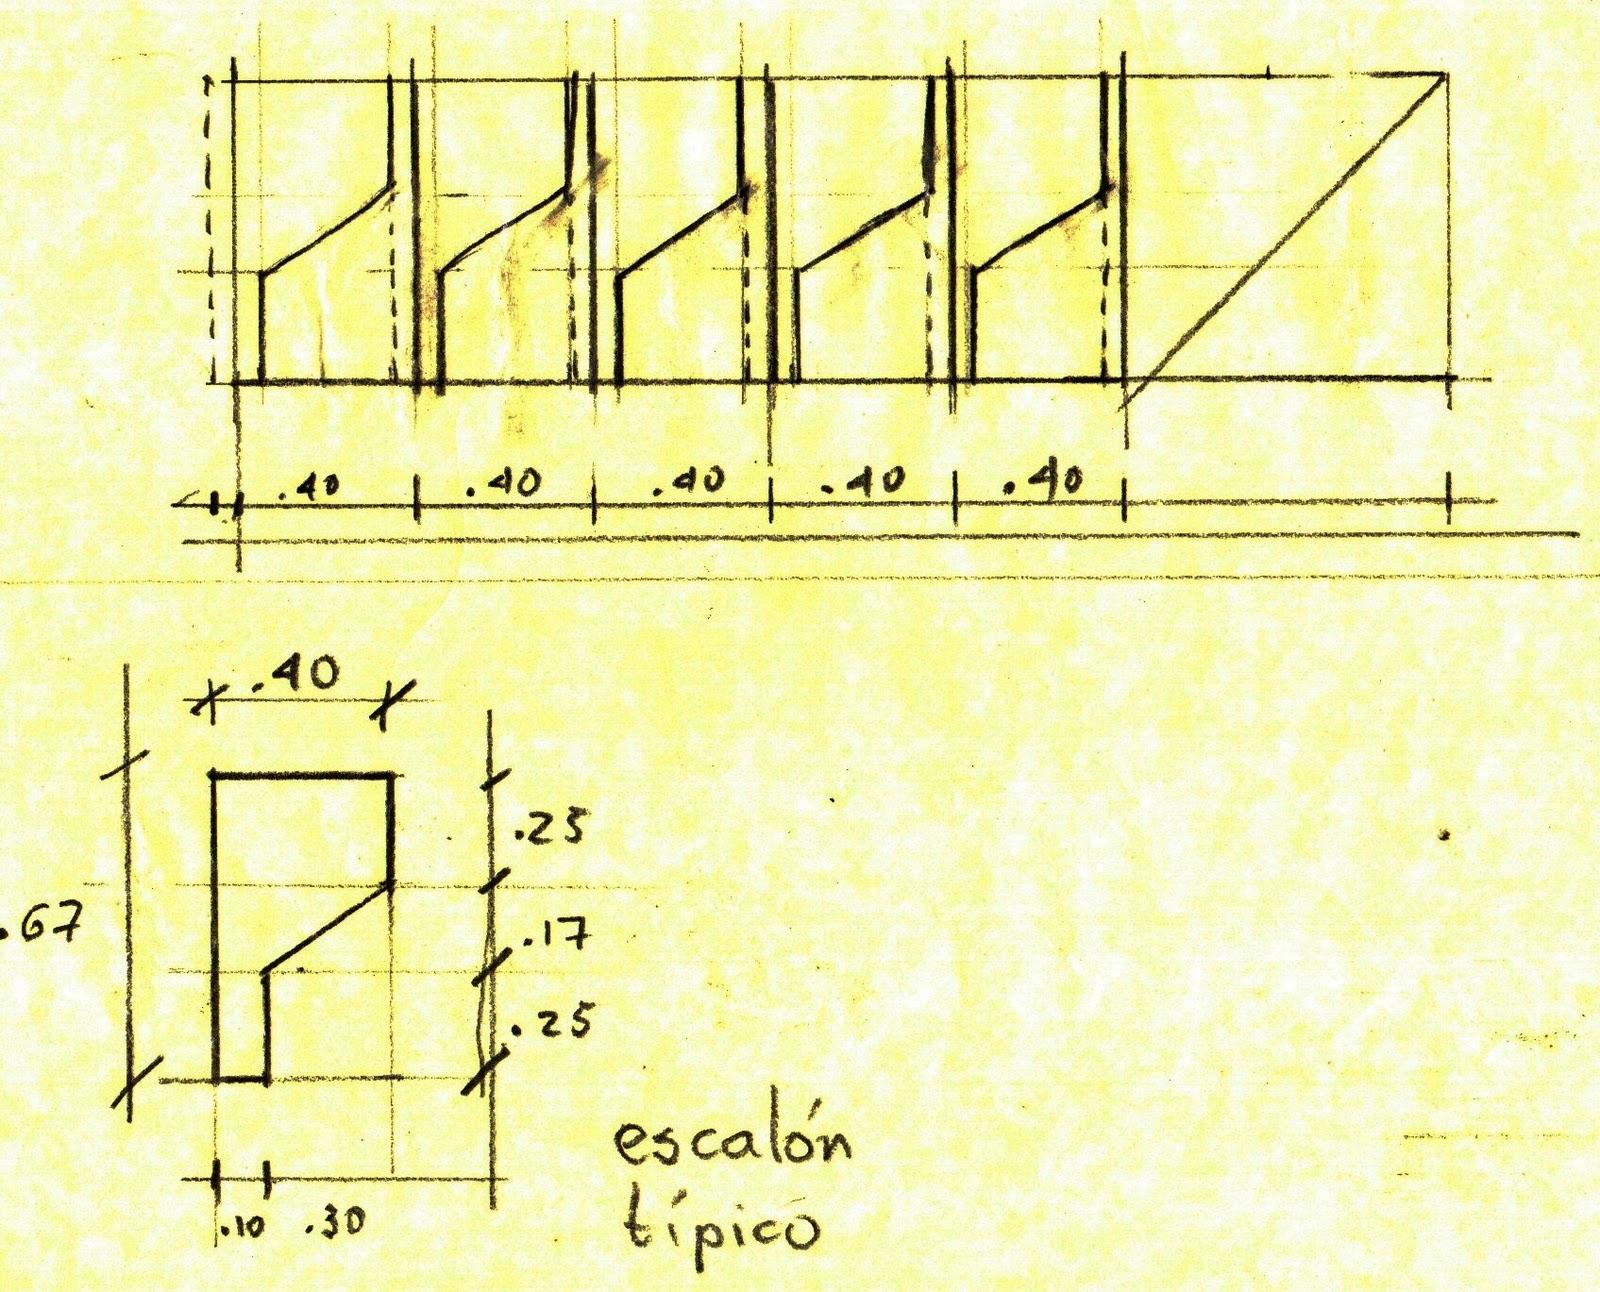 Mario v sconez ecuador 36 la escalera v sconez o c mo for Grada escalera